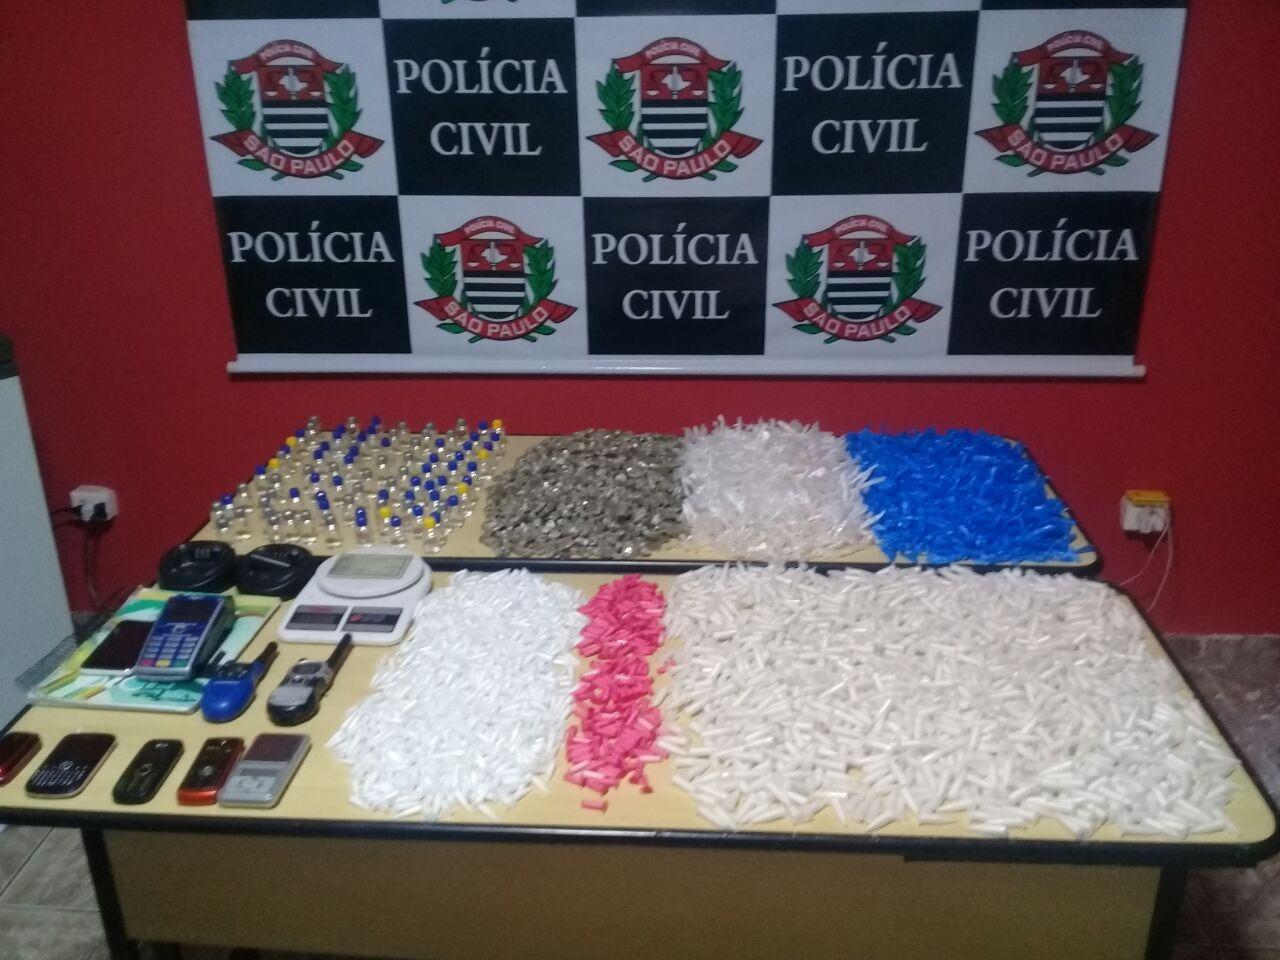 porções de drogas e objetos sob a mesa